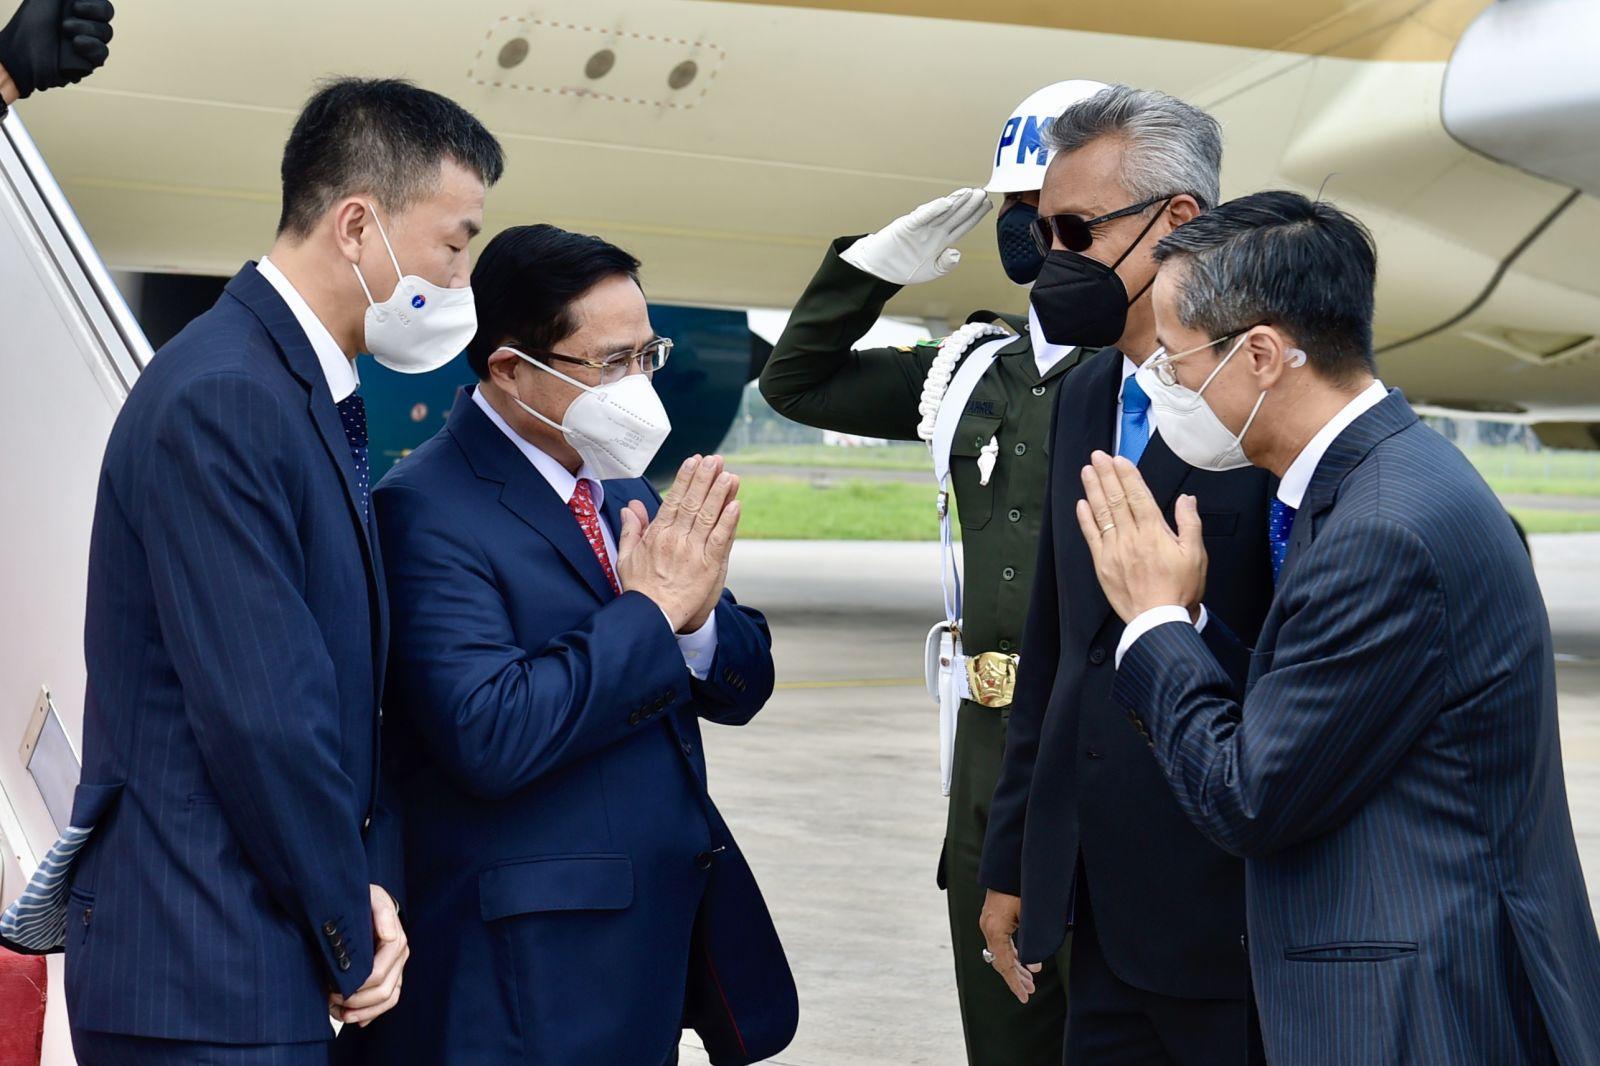 Đón  đoàn tại sân bay có đại diện Bộ Ngoại giao Indonesia; Đại sứ Việt Nam tại Indonesia Phạm Vinh Quang; Đại sứ, Trưởng phái đoàn đại diện Việt Nam tại ASEAN Nguyễn Hải Bằng. Ảnh: VGP/Nhật Bắc